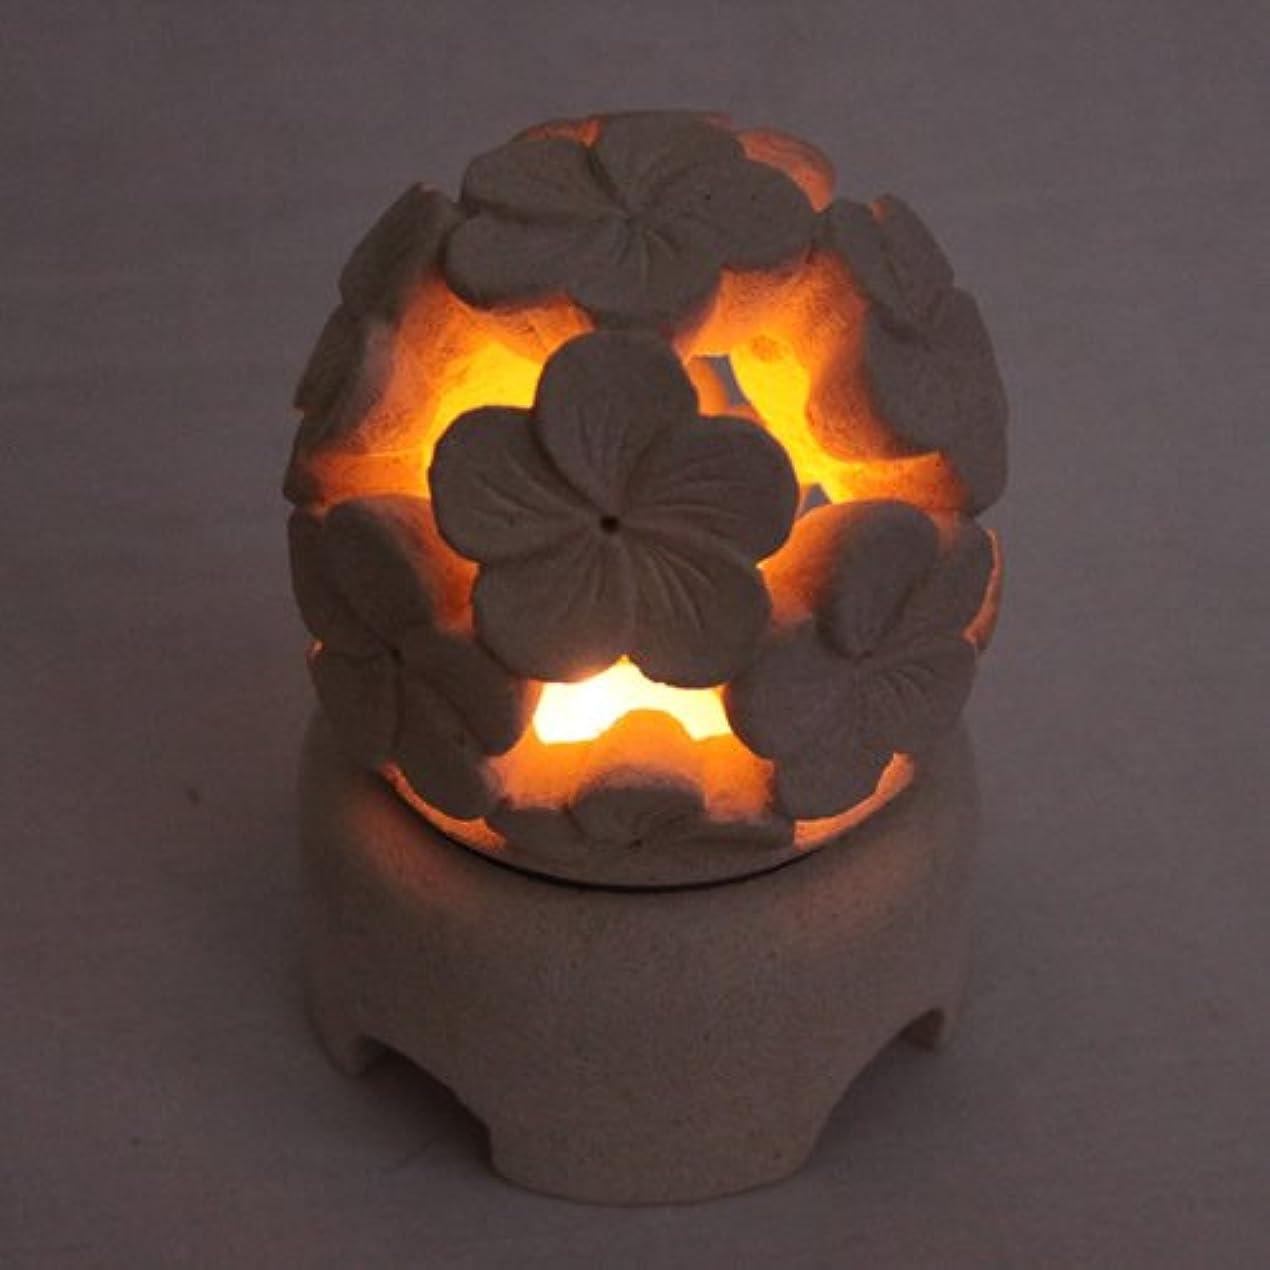 たとえ延期する幻影ライムストーンで出来たハンドメイドの丸いキャンドルホルダー